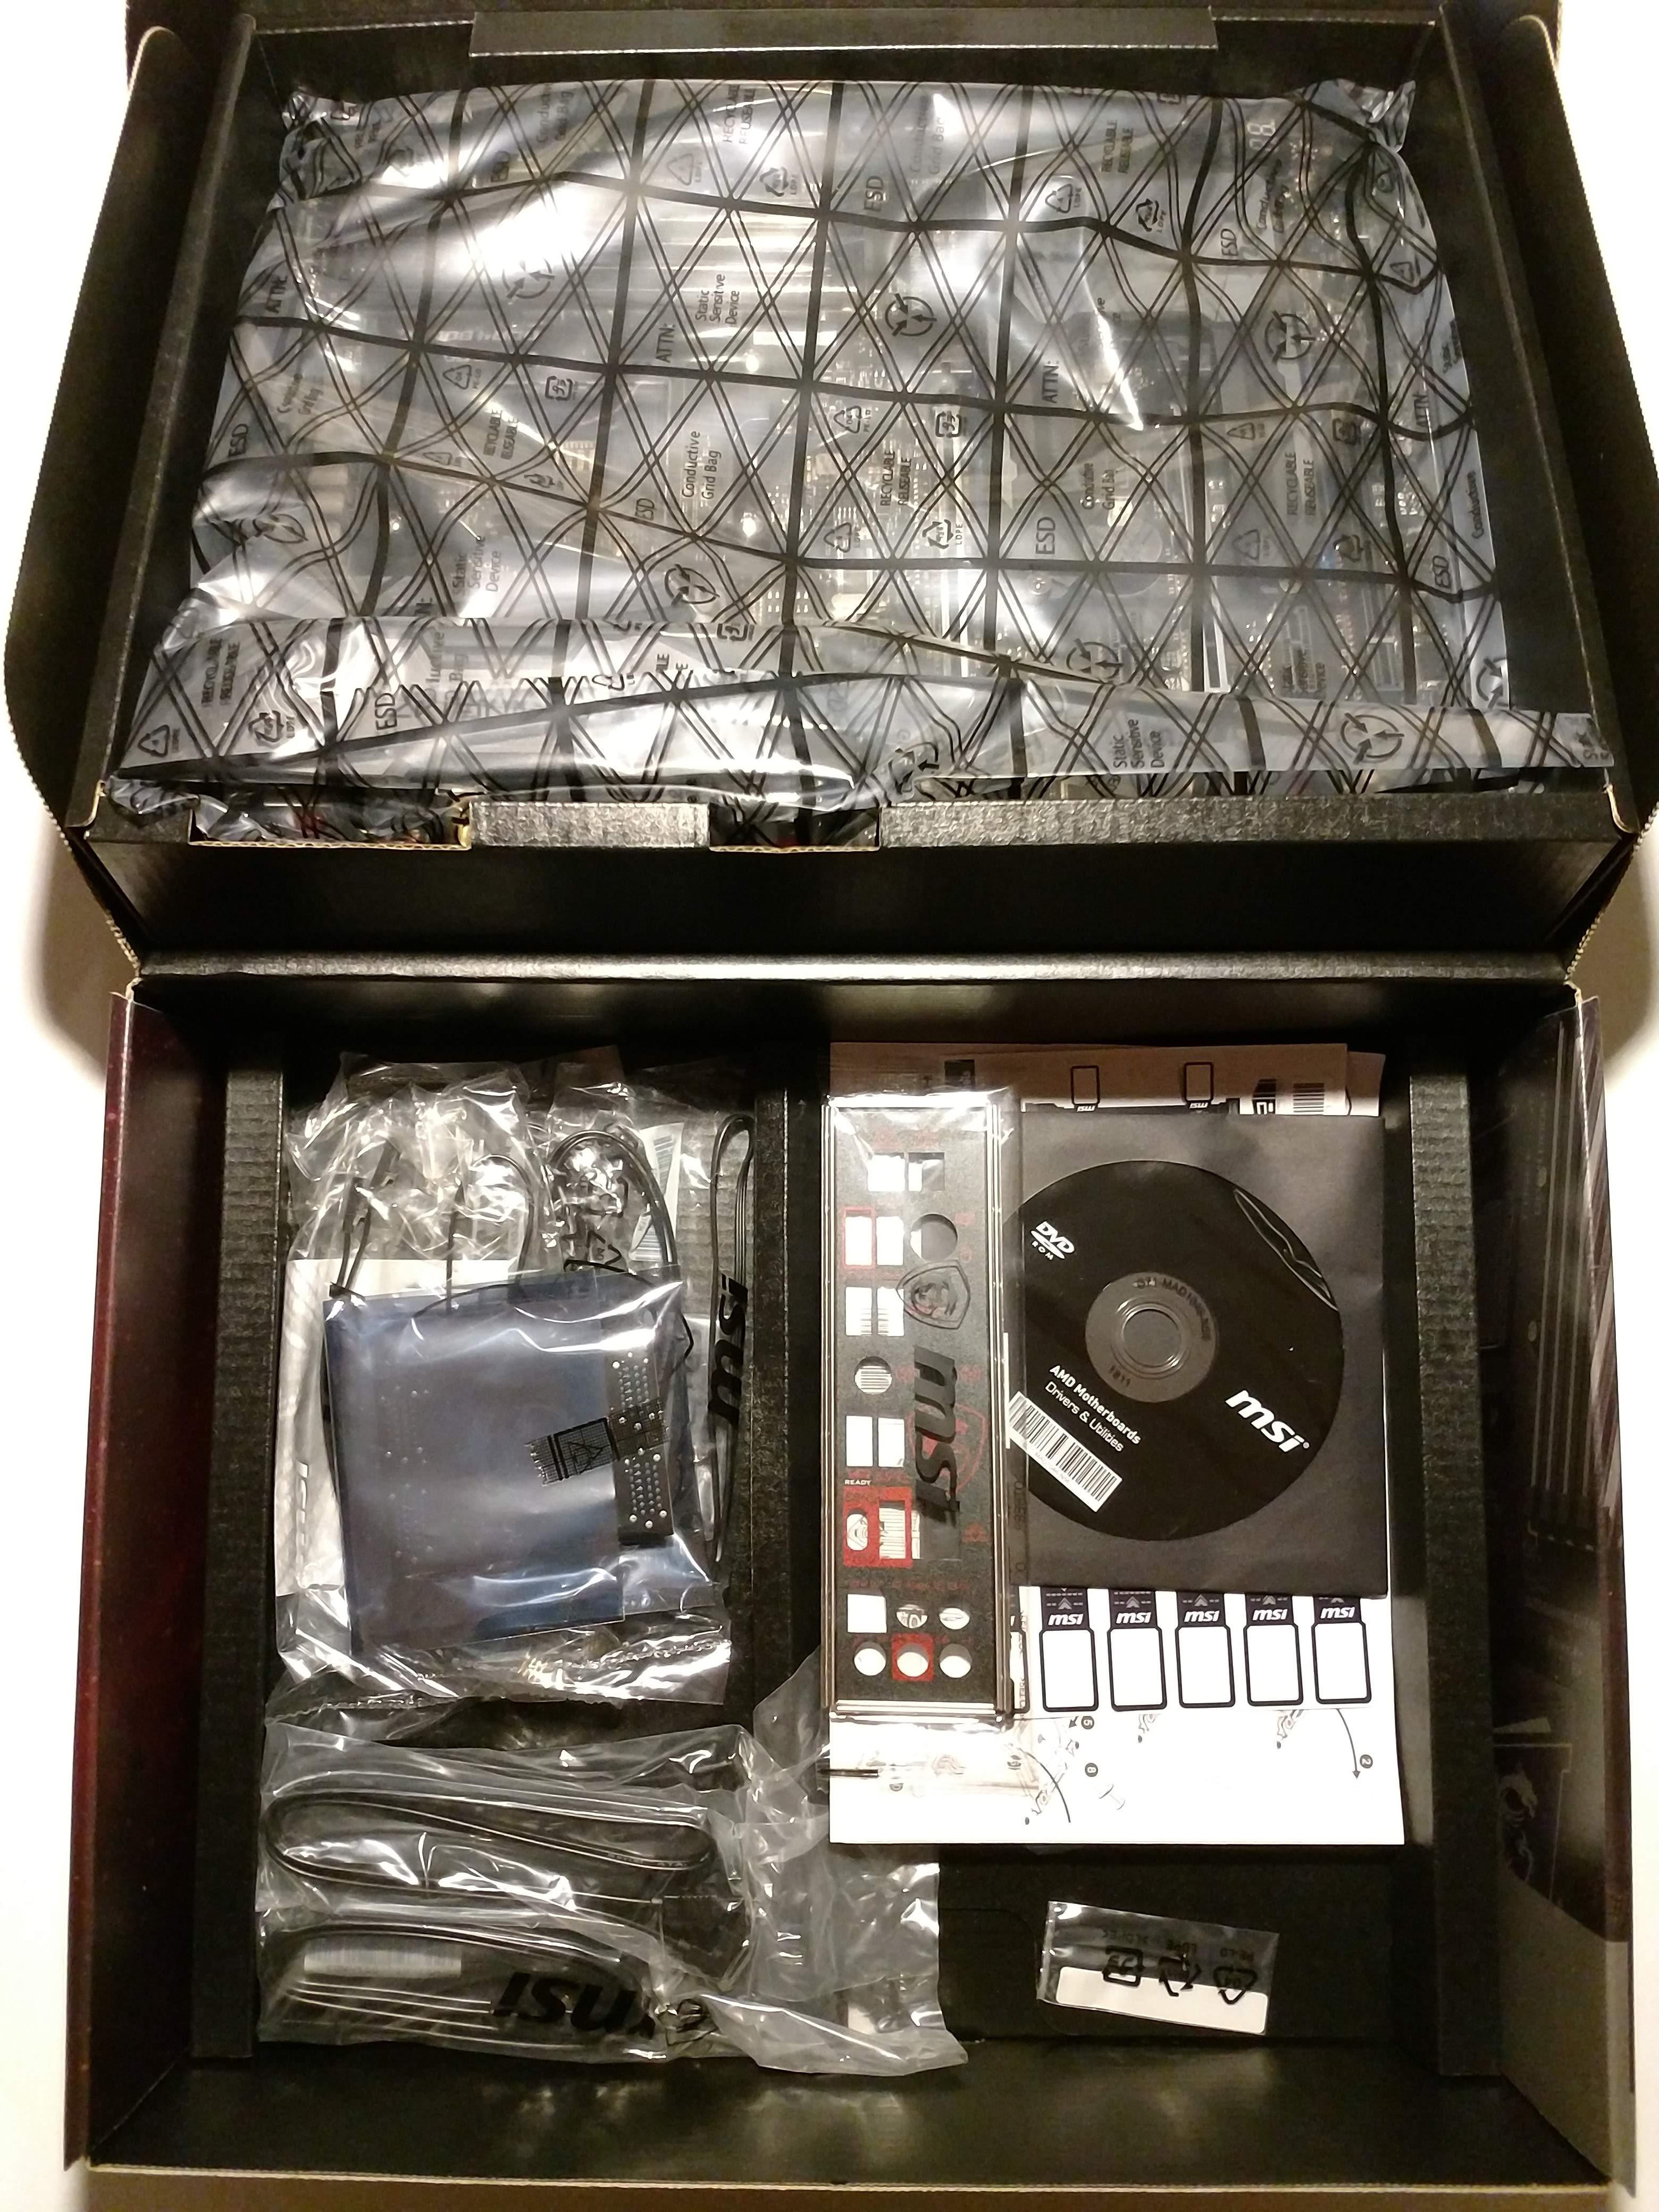 Klicken Sie auf die Grafik für eine größere Ansicht  Name:6. MSI X470 Gaming M7 AC geöffneter Karton mit darunter liegendem Zubehör.jpg Hits:26 Größe:1,70 MB ID:1000577